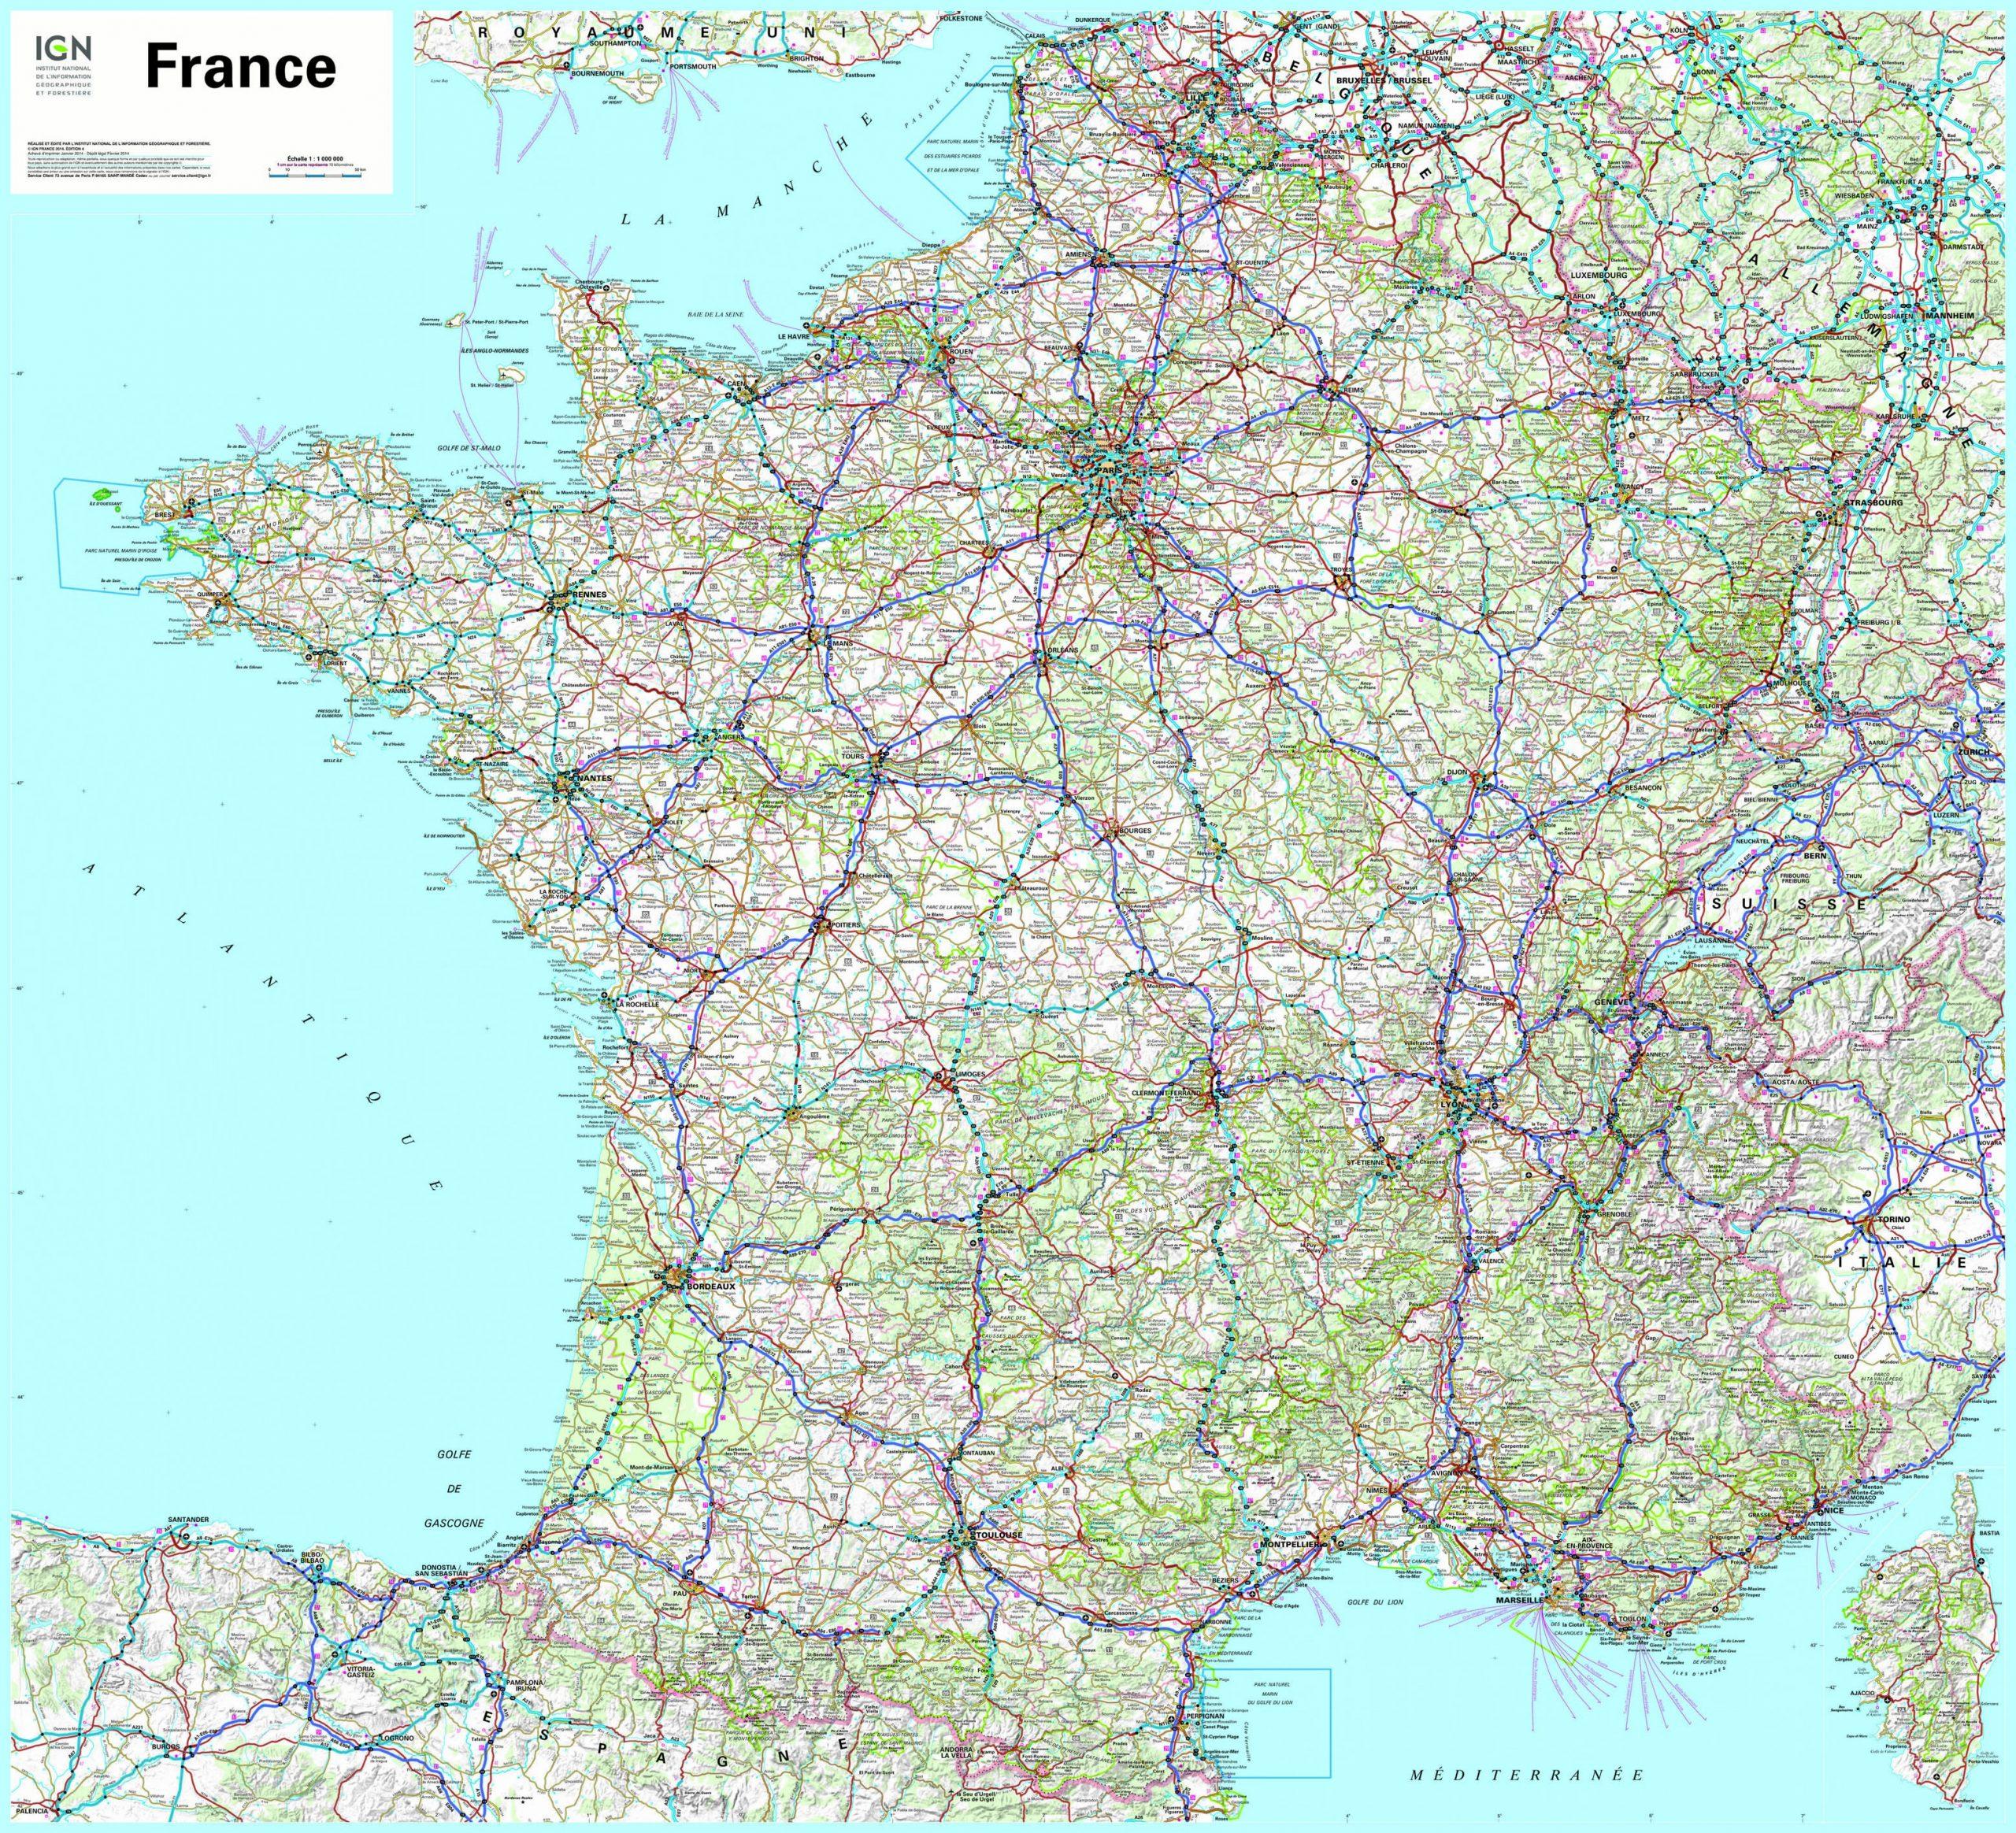 Carte Reseau Routier dedans Carte Routiere France Gratuite